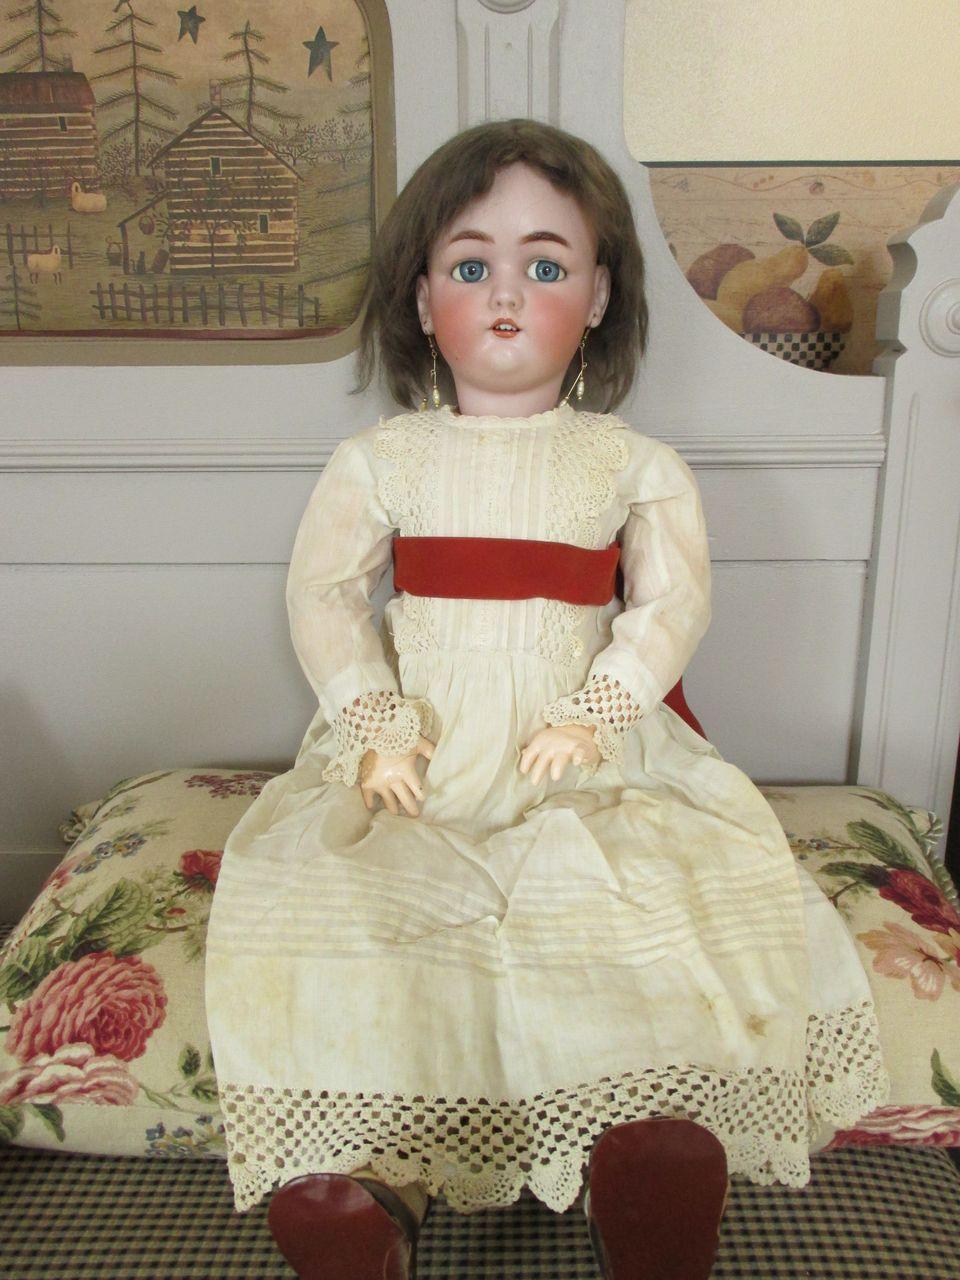 Lovely Antique S&H Jutta in Darling Dress - Sweet look